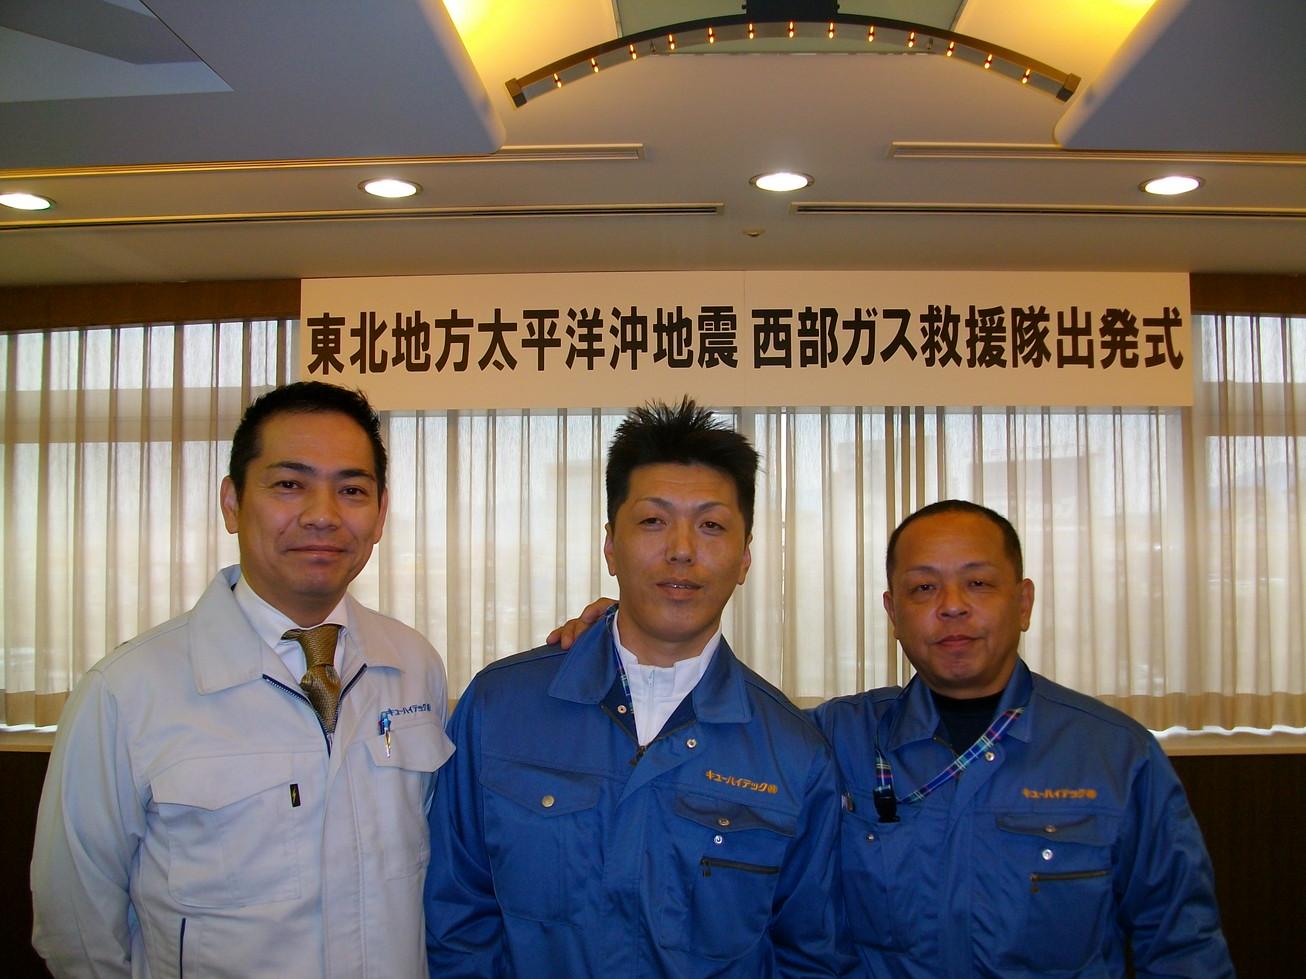 震災復旧支援活動に弊社社員さん2名が出発しました。